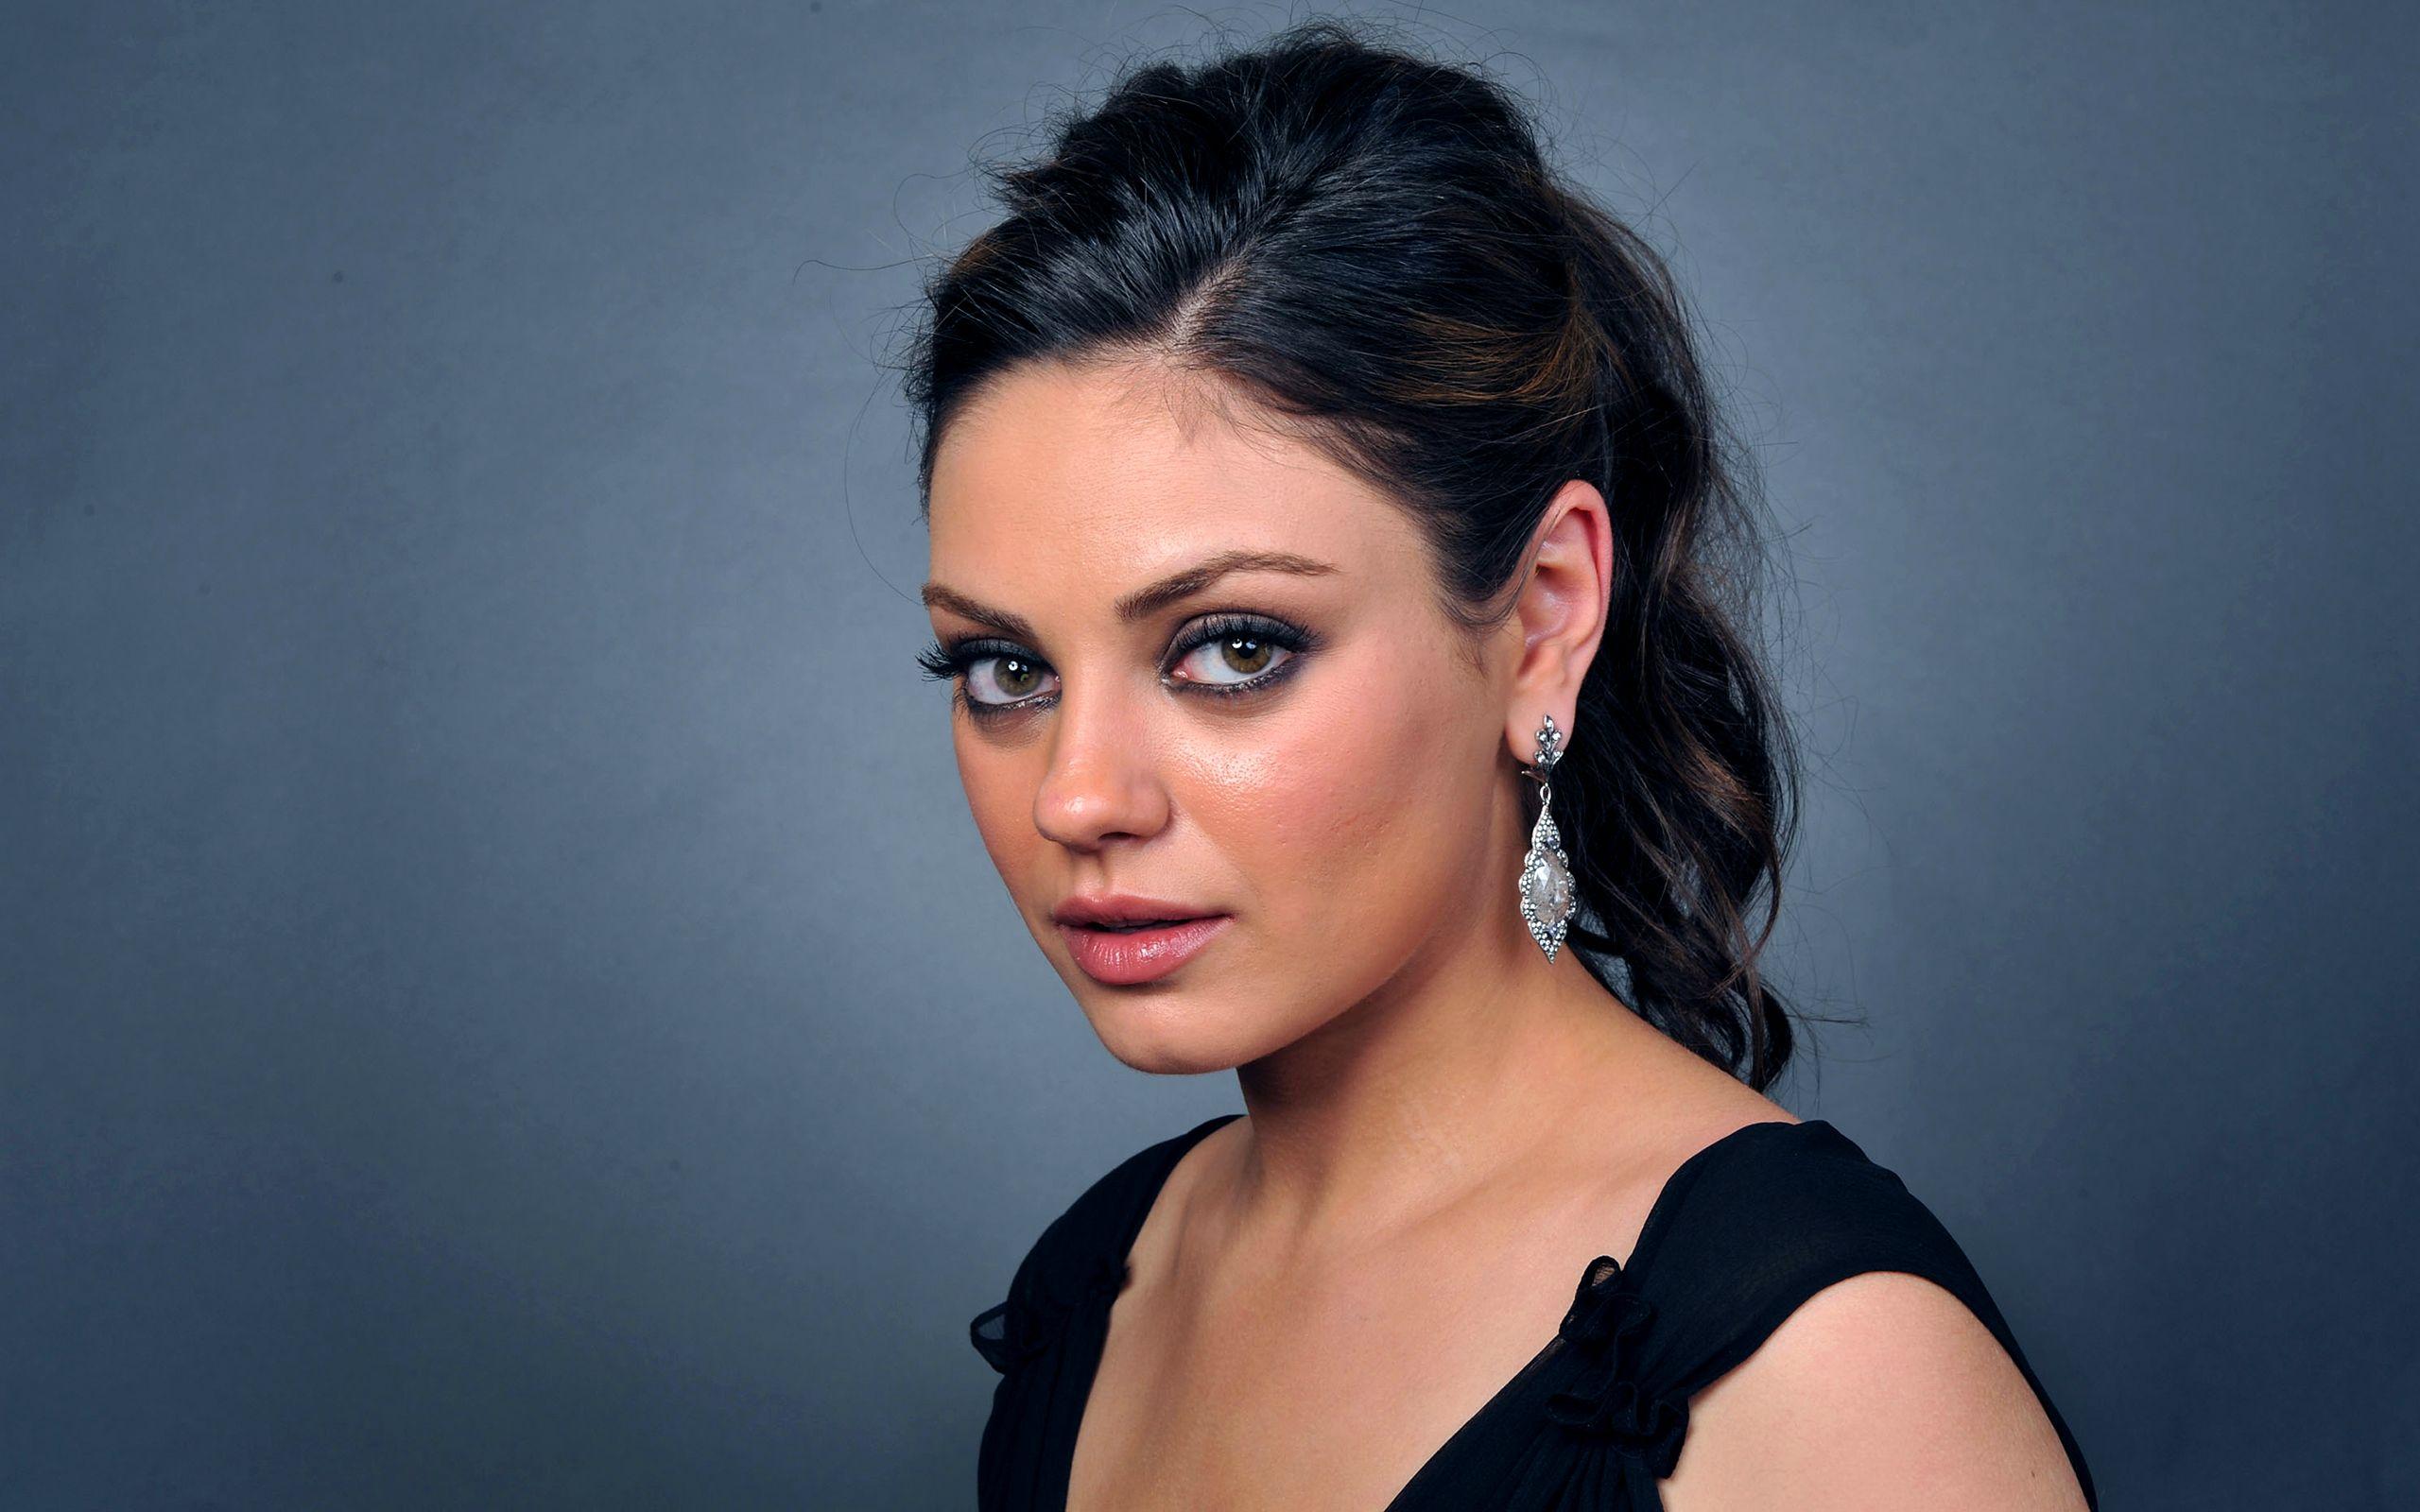 Фото молодых знаменитых русских актрис, Современные молодые российские актрисы (Список.) 25 фотография